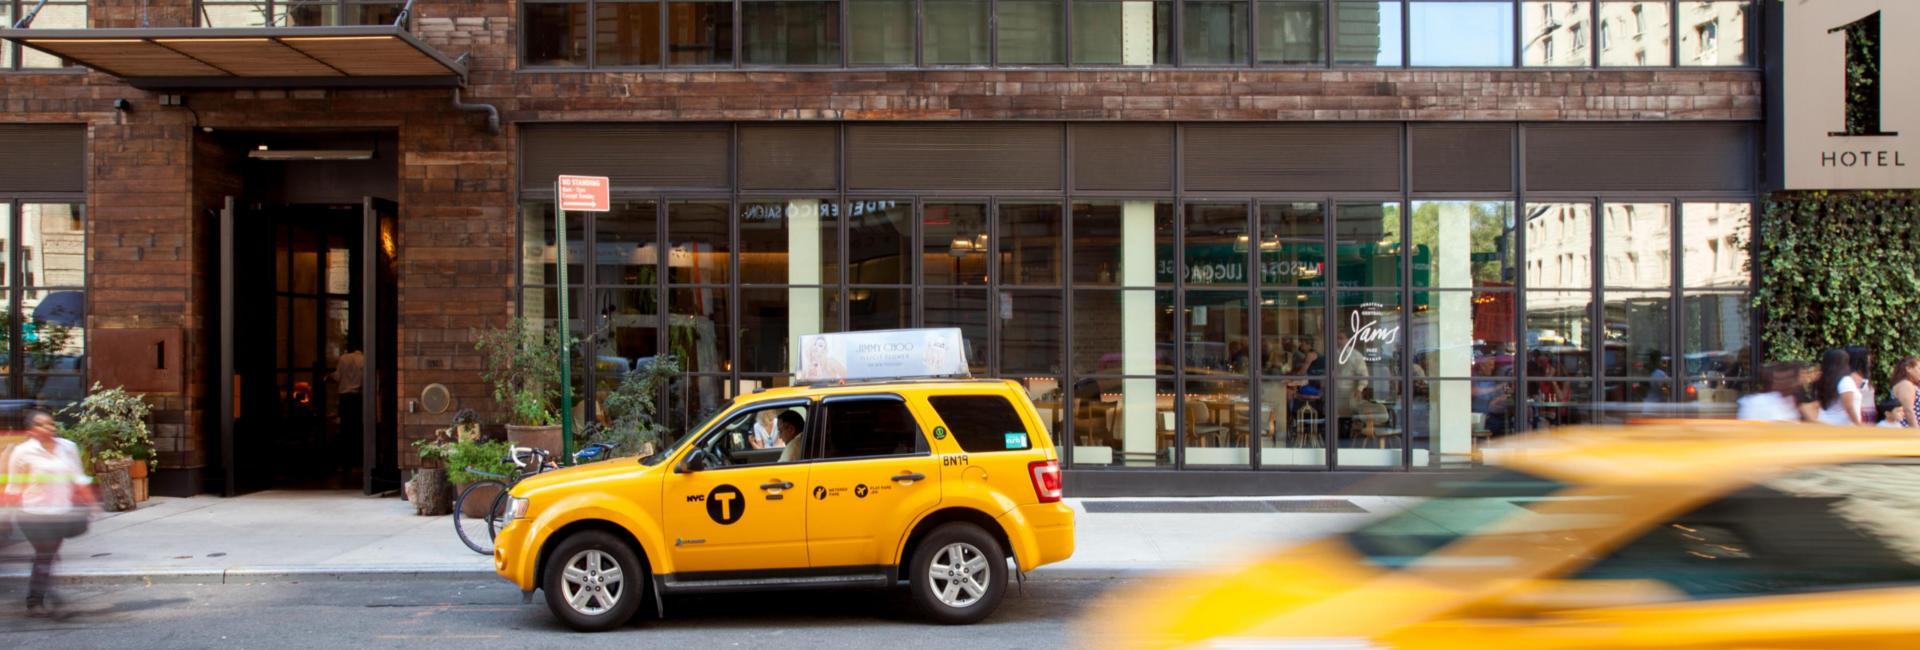 New York City Hero Image